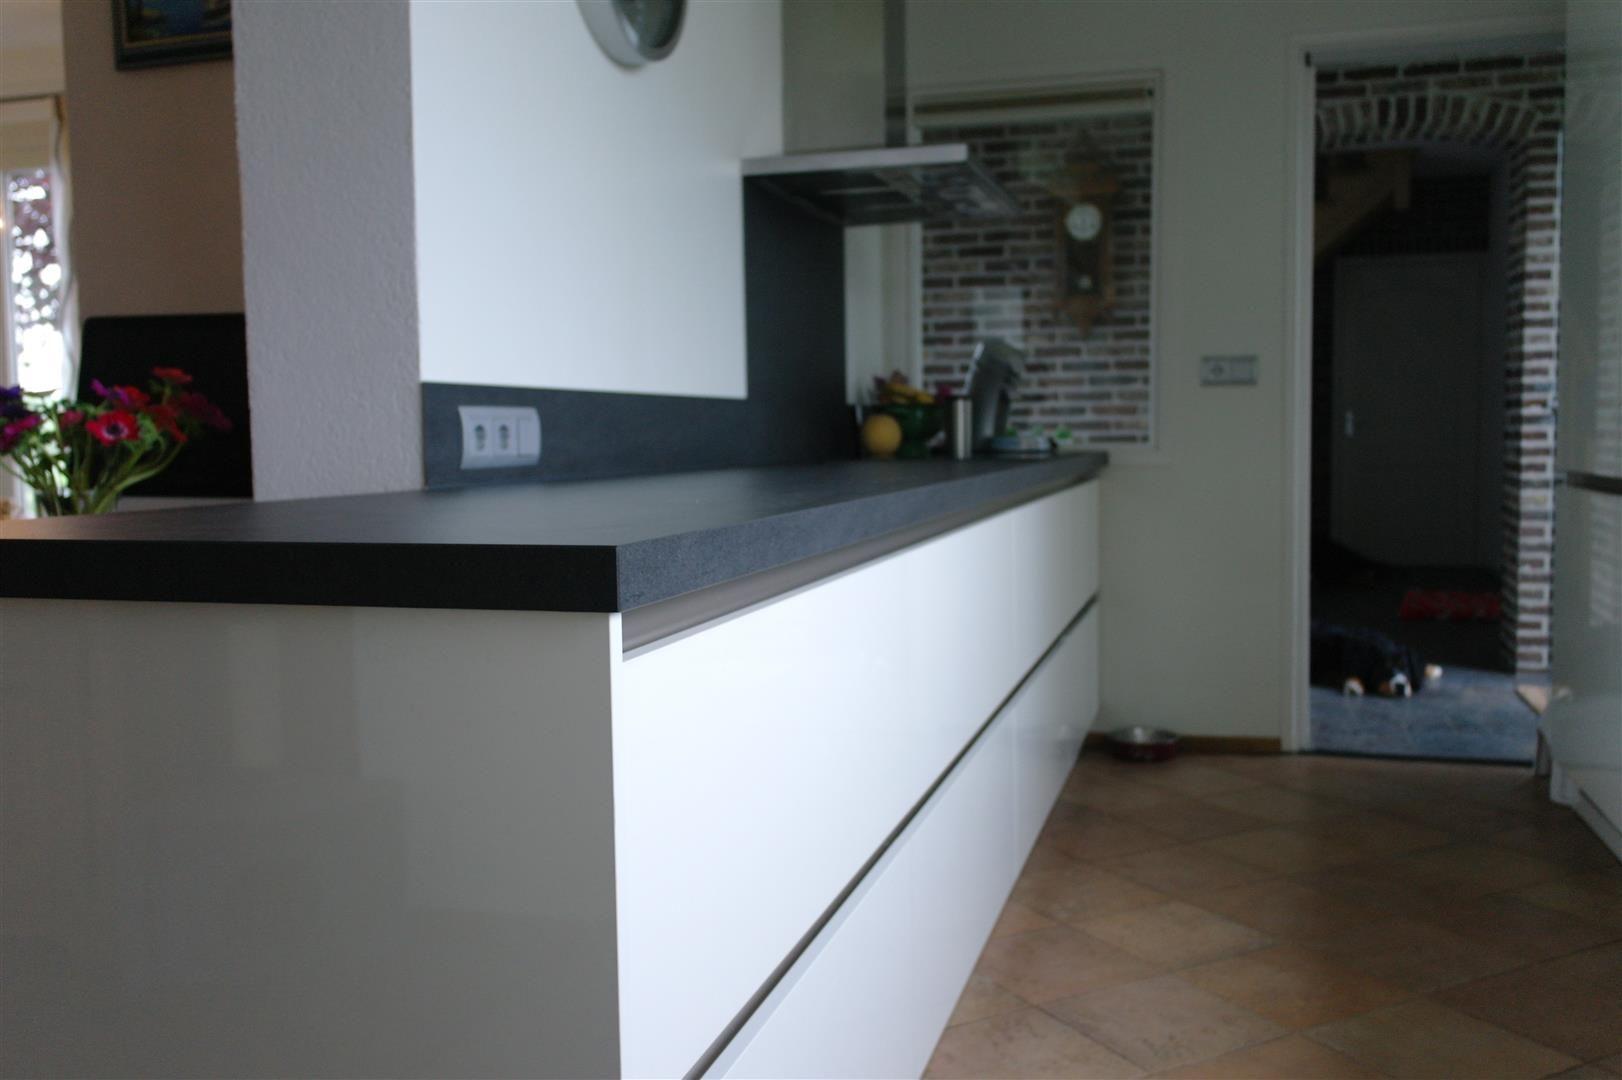 Strakke greeploze hoogglans witte keller keuken met keramiek